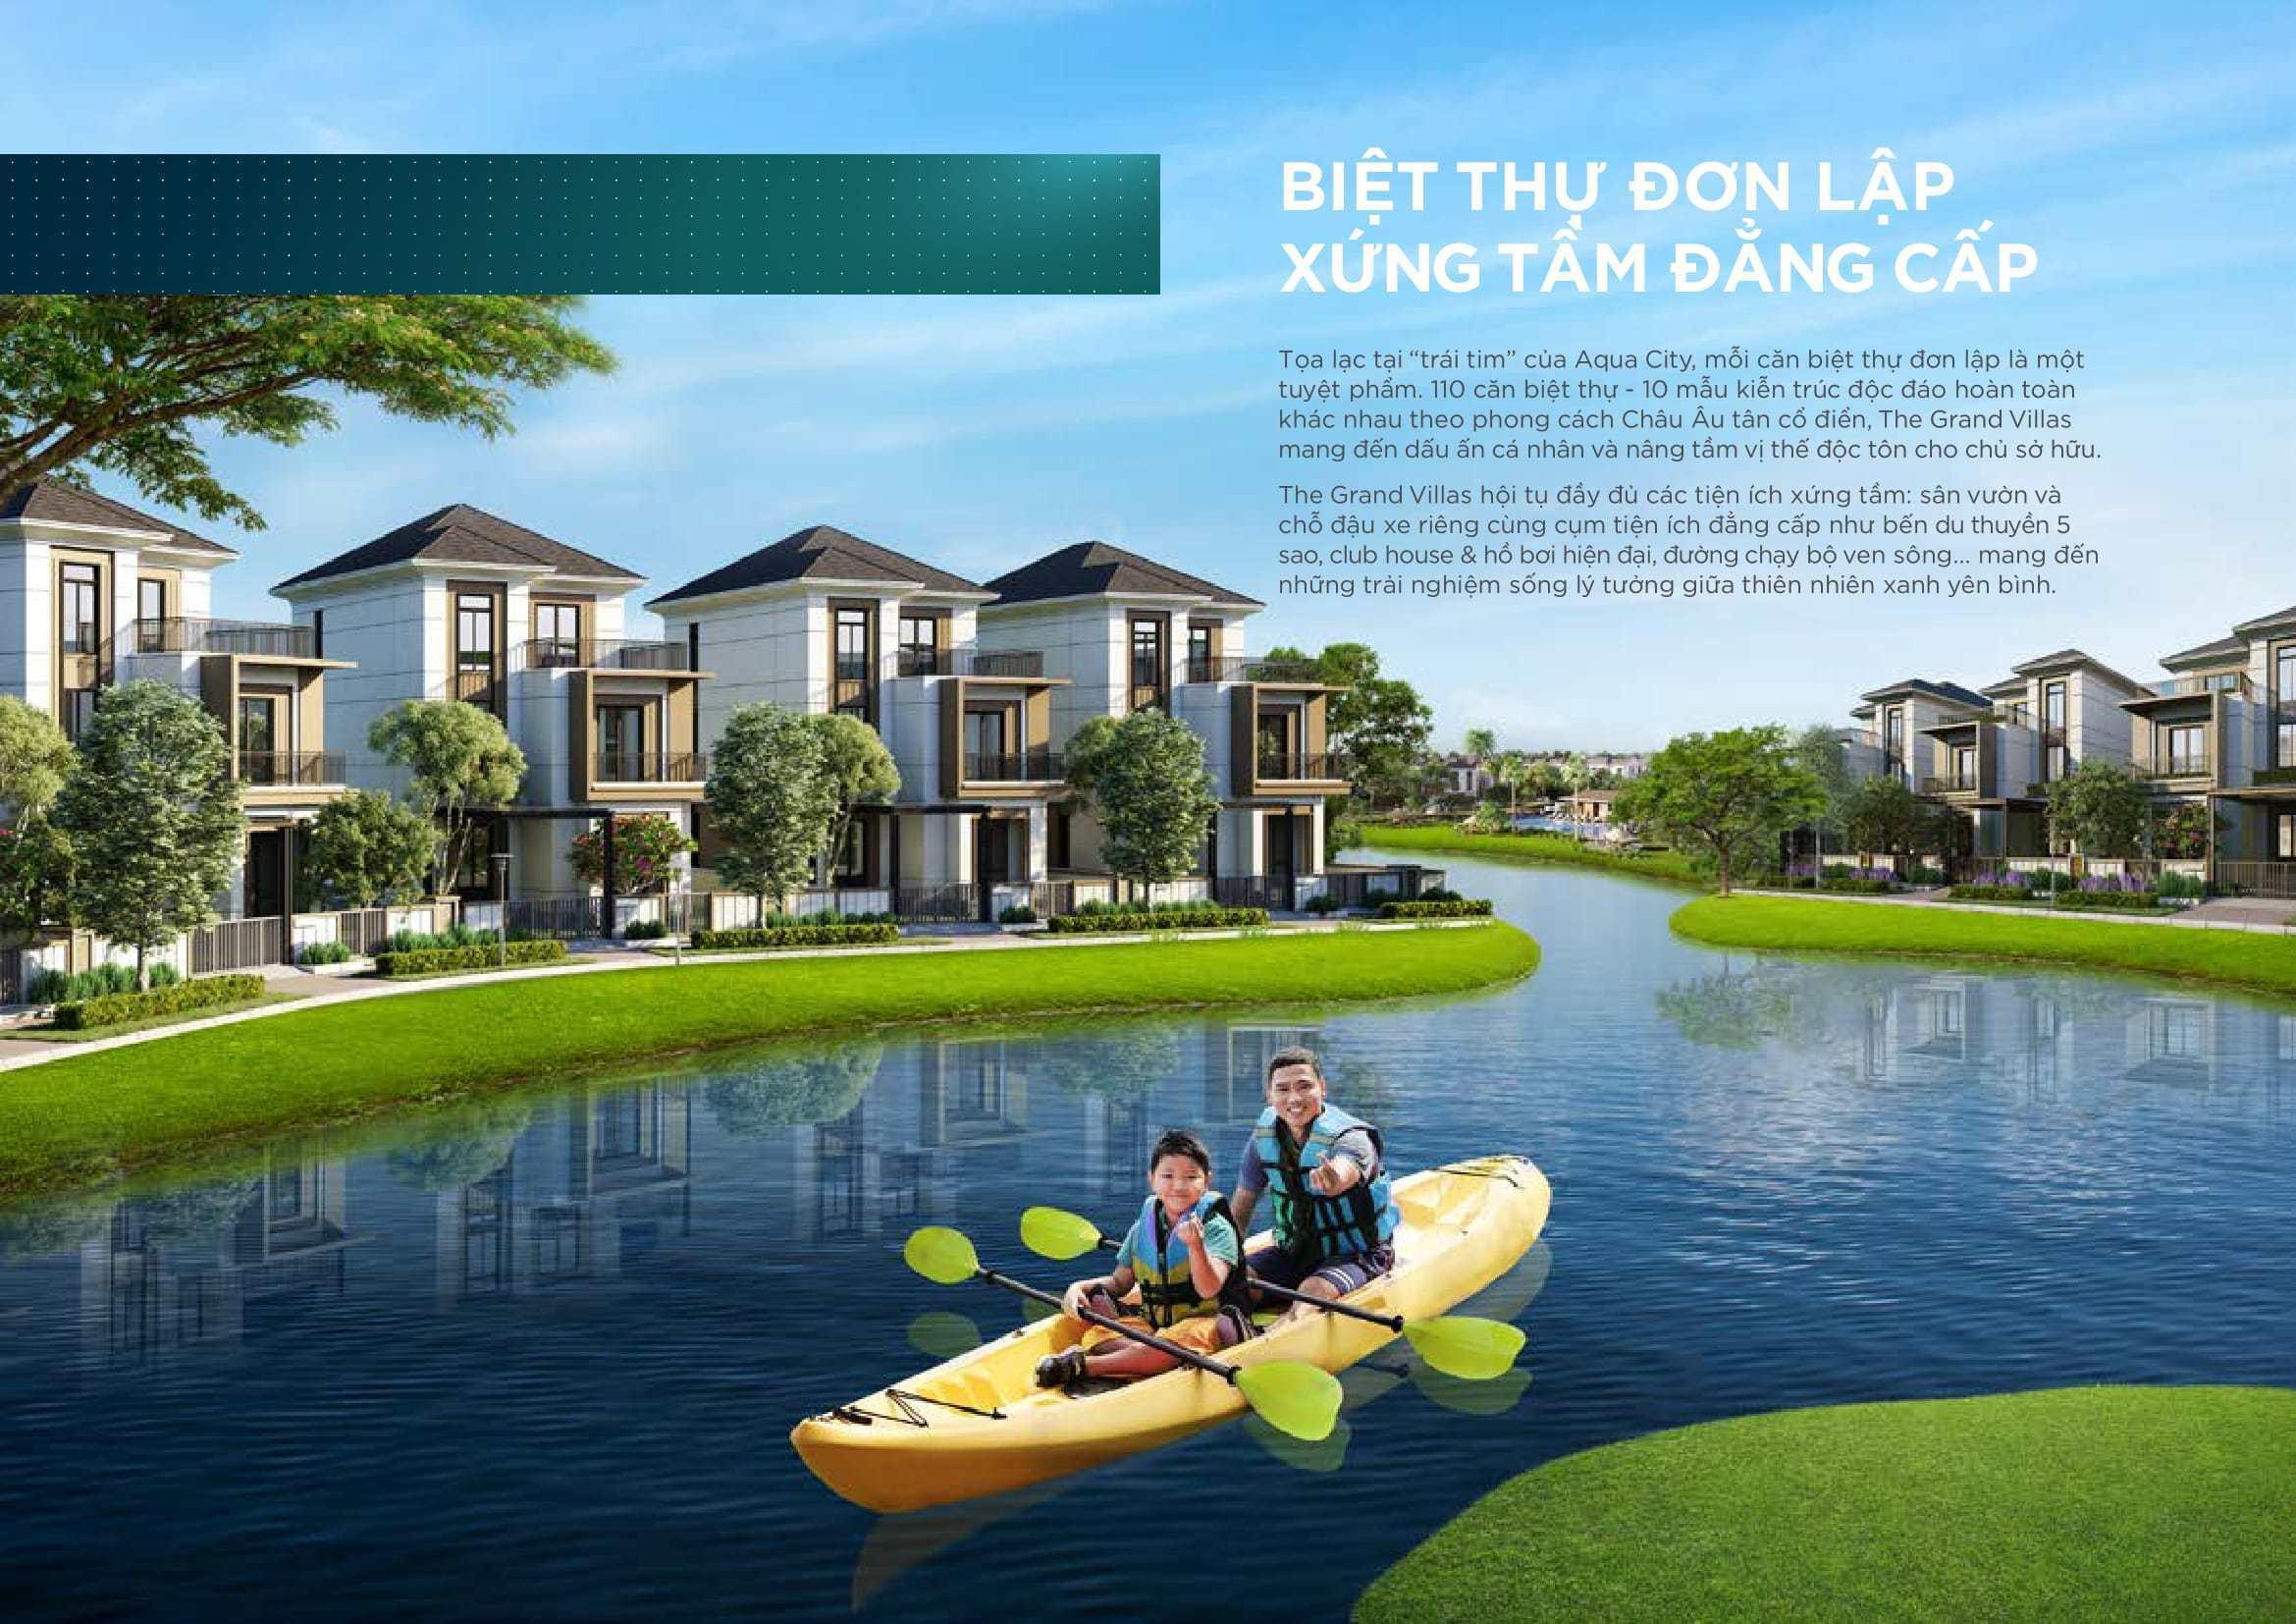 """The Grand Villas """"Ngôi làng Hà Lan"""" giữa đô thị sinh thái Aqua City"""